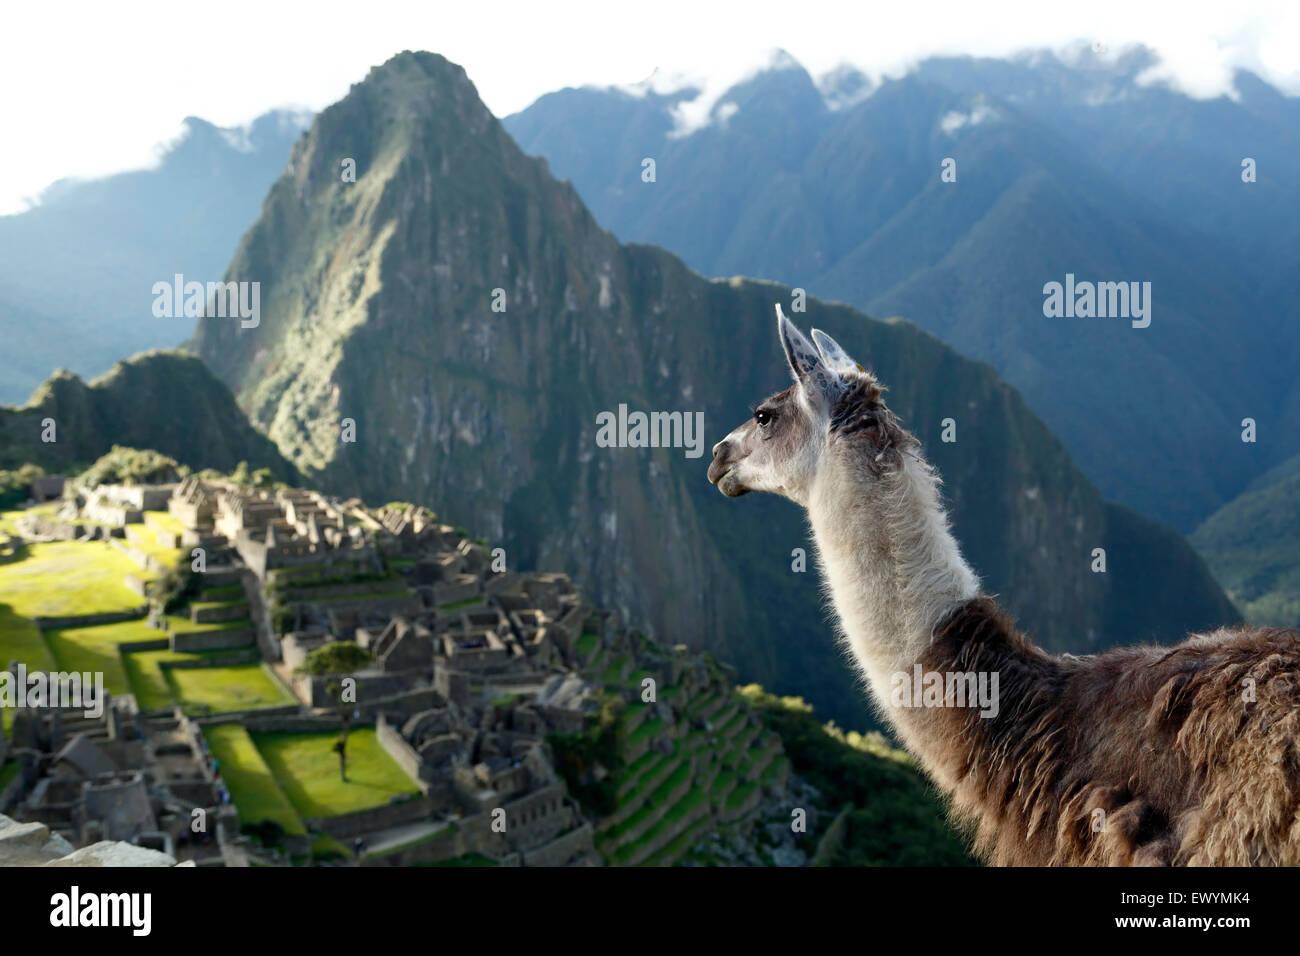 Llama (Lama glama) e Machu Picchu rovine Inca, vicino a Machu Picchu Pueblo (aka Aguas Calientes), Cusco, Perù Immagini Stock